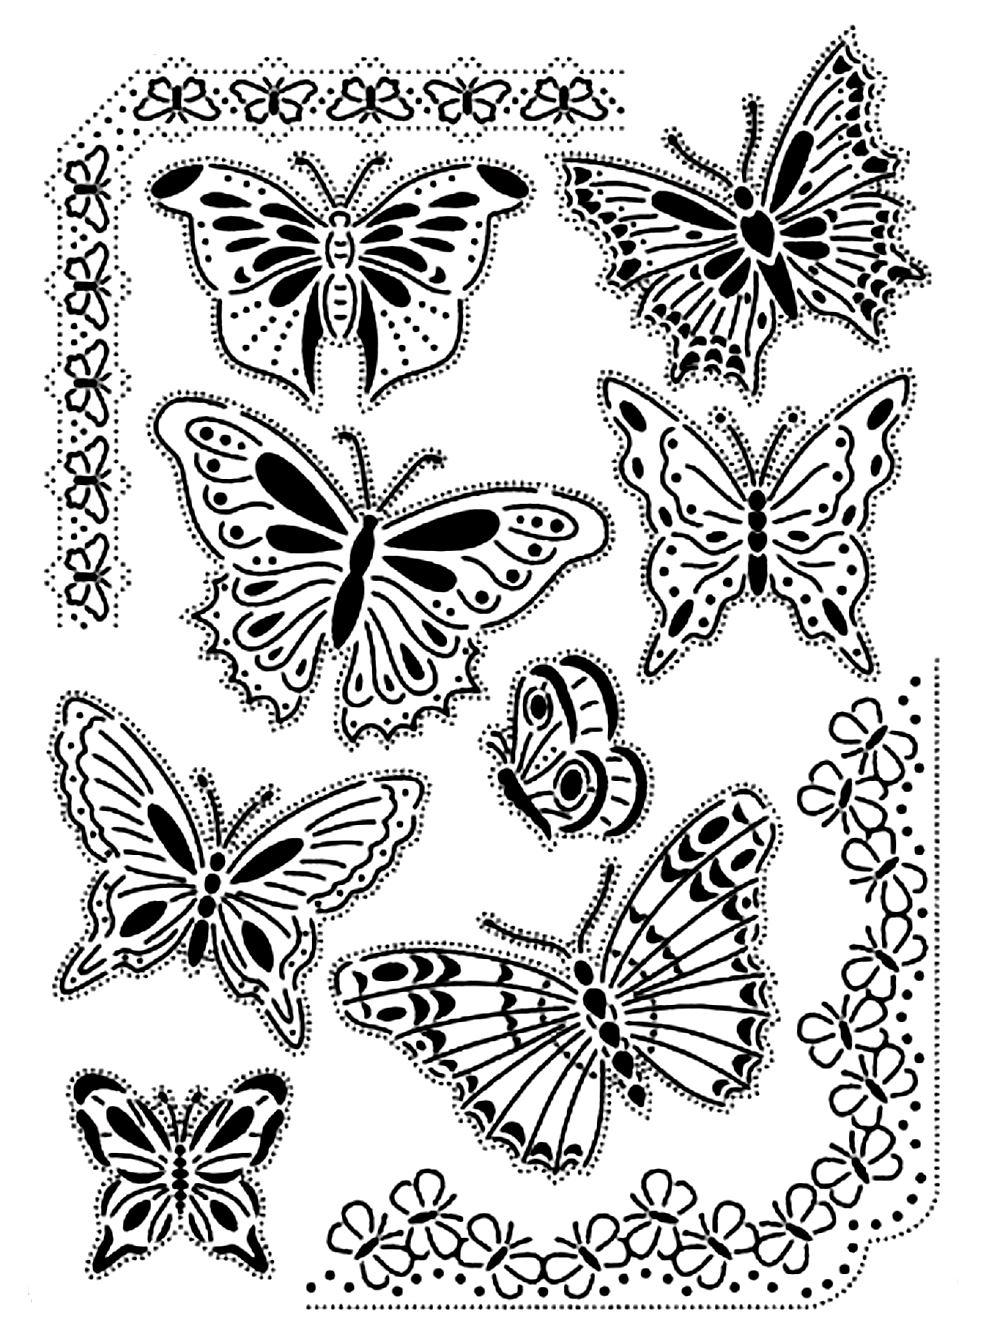 Image de Papillons à imprimer et colorier - Coloriage de Papillons - Coloriages pour enfants